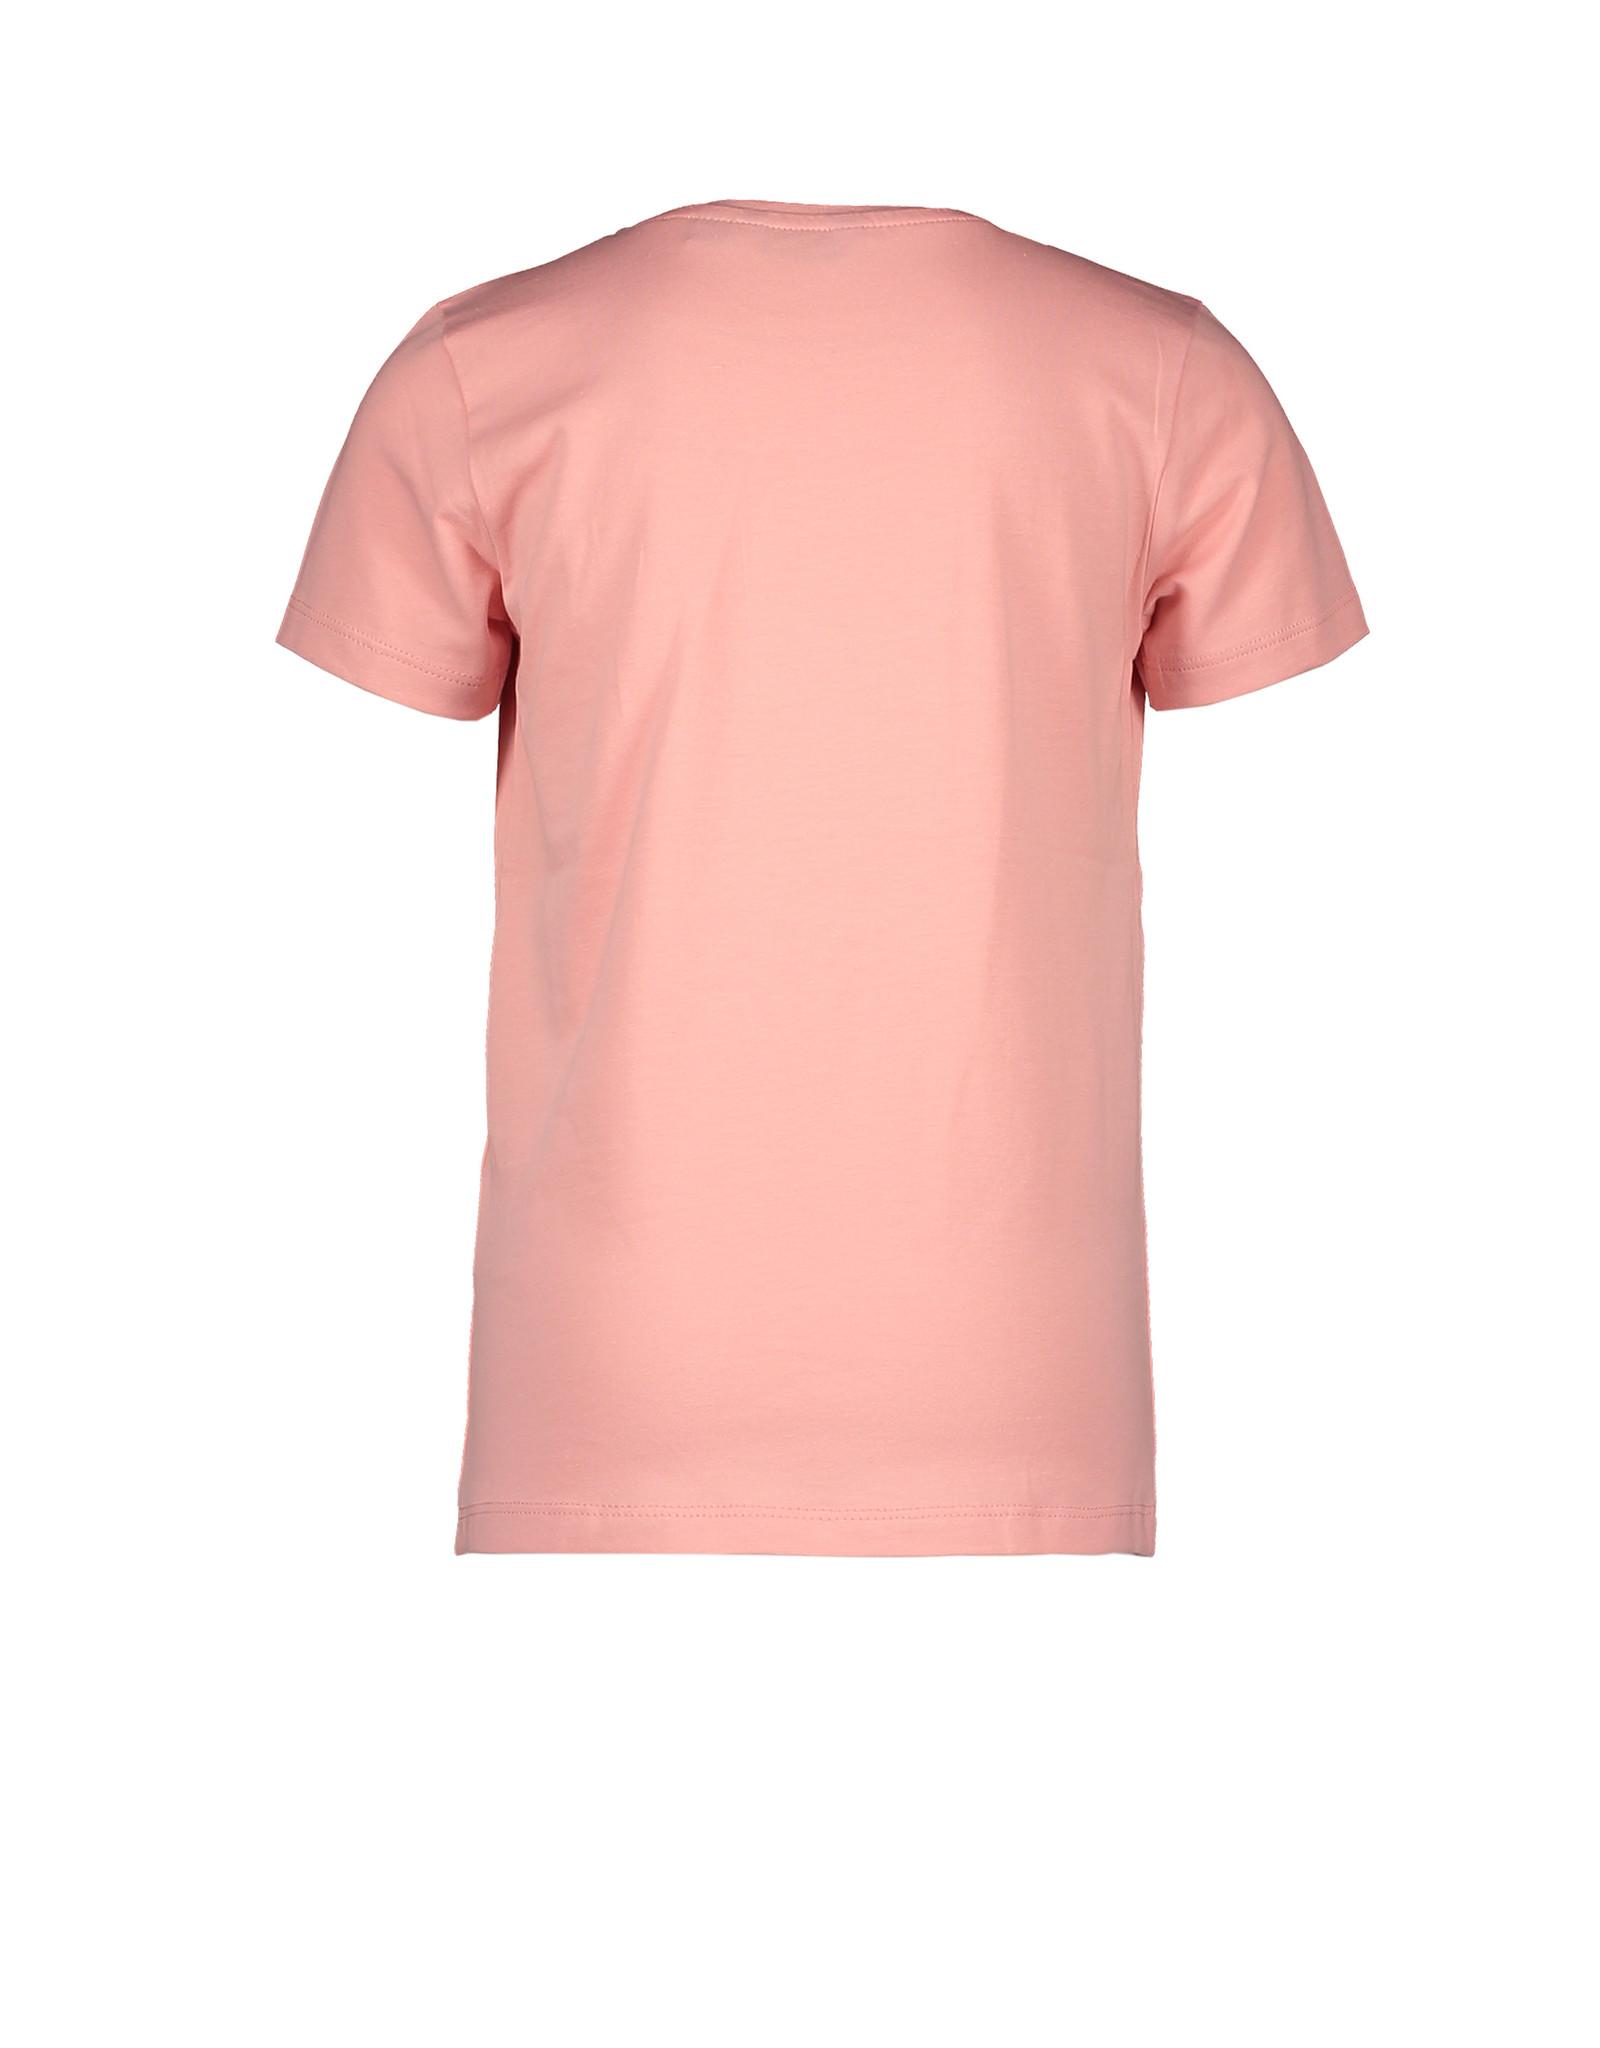 Moodstreet MT t-shirt chestprint, Light pink